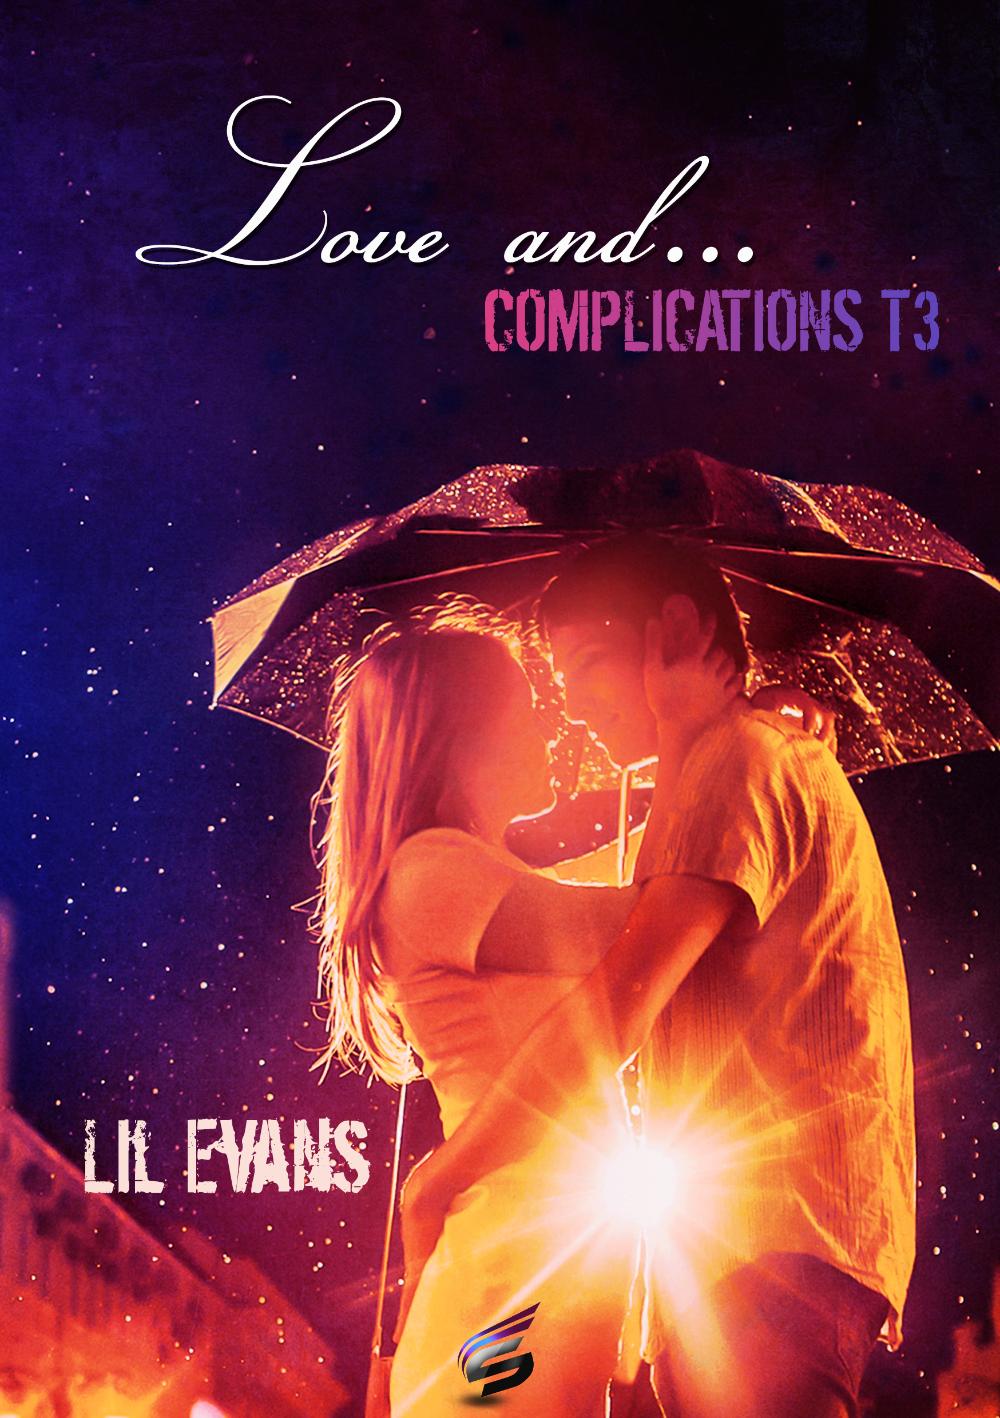 Love And Lil Evans En 2020 Romance Evans Sortie Livre